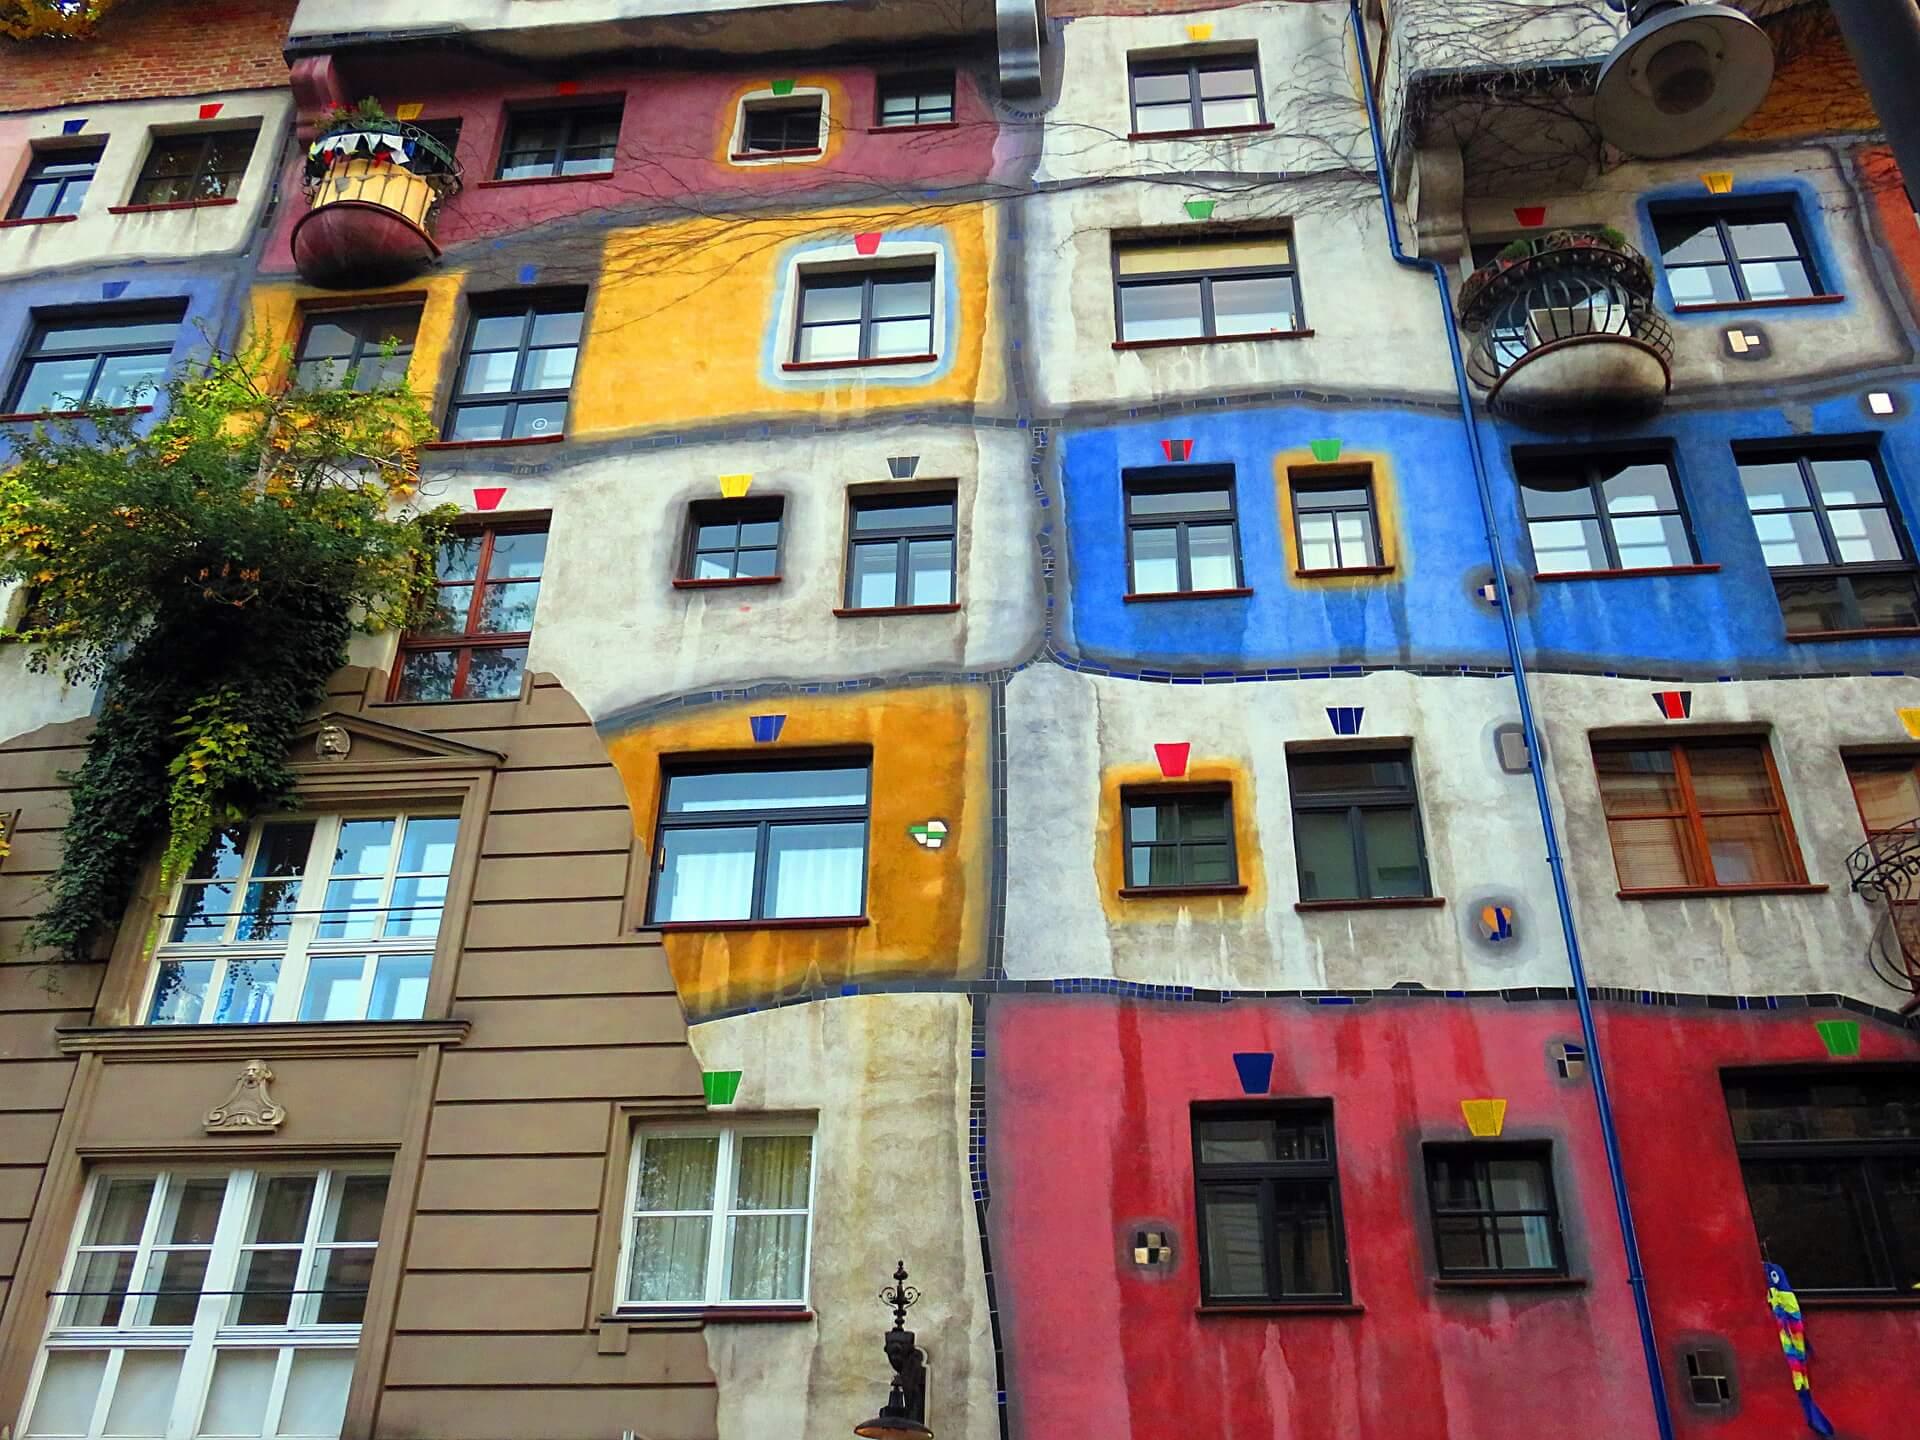 Hundertwasserhaus, Viena - Viajeros por el Mundo